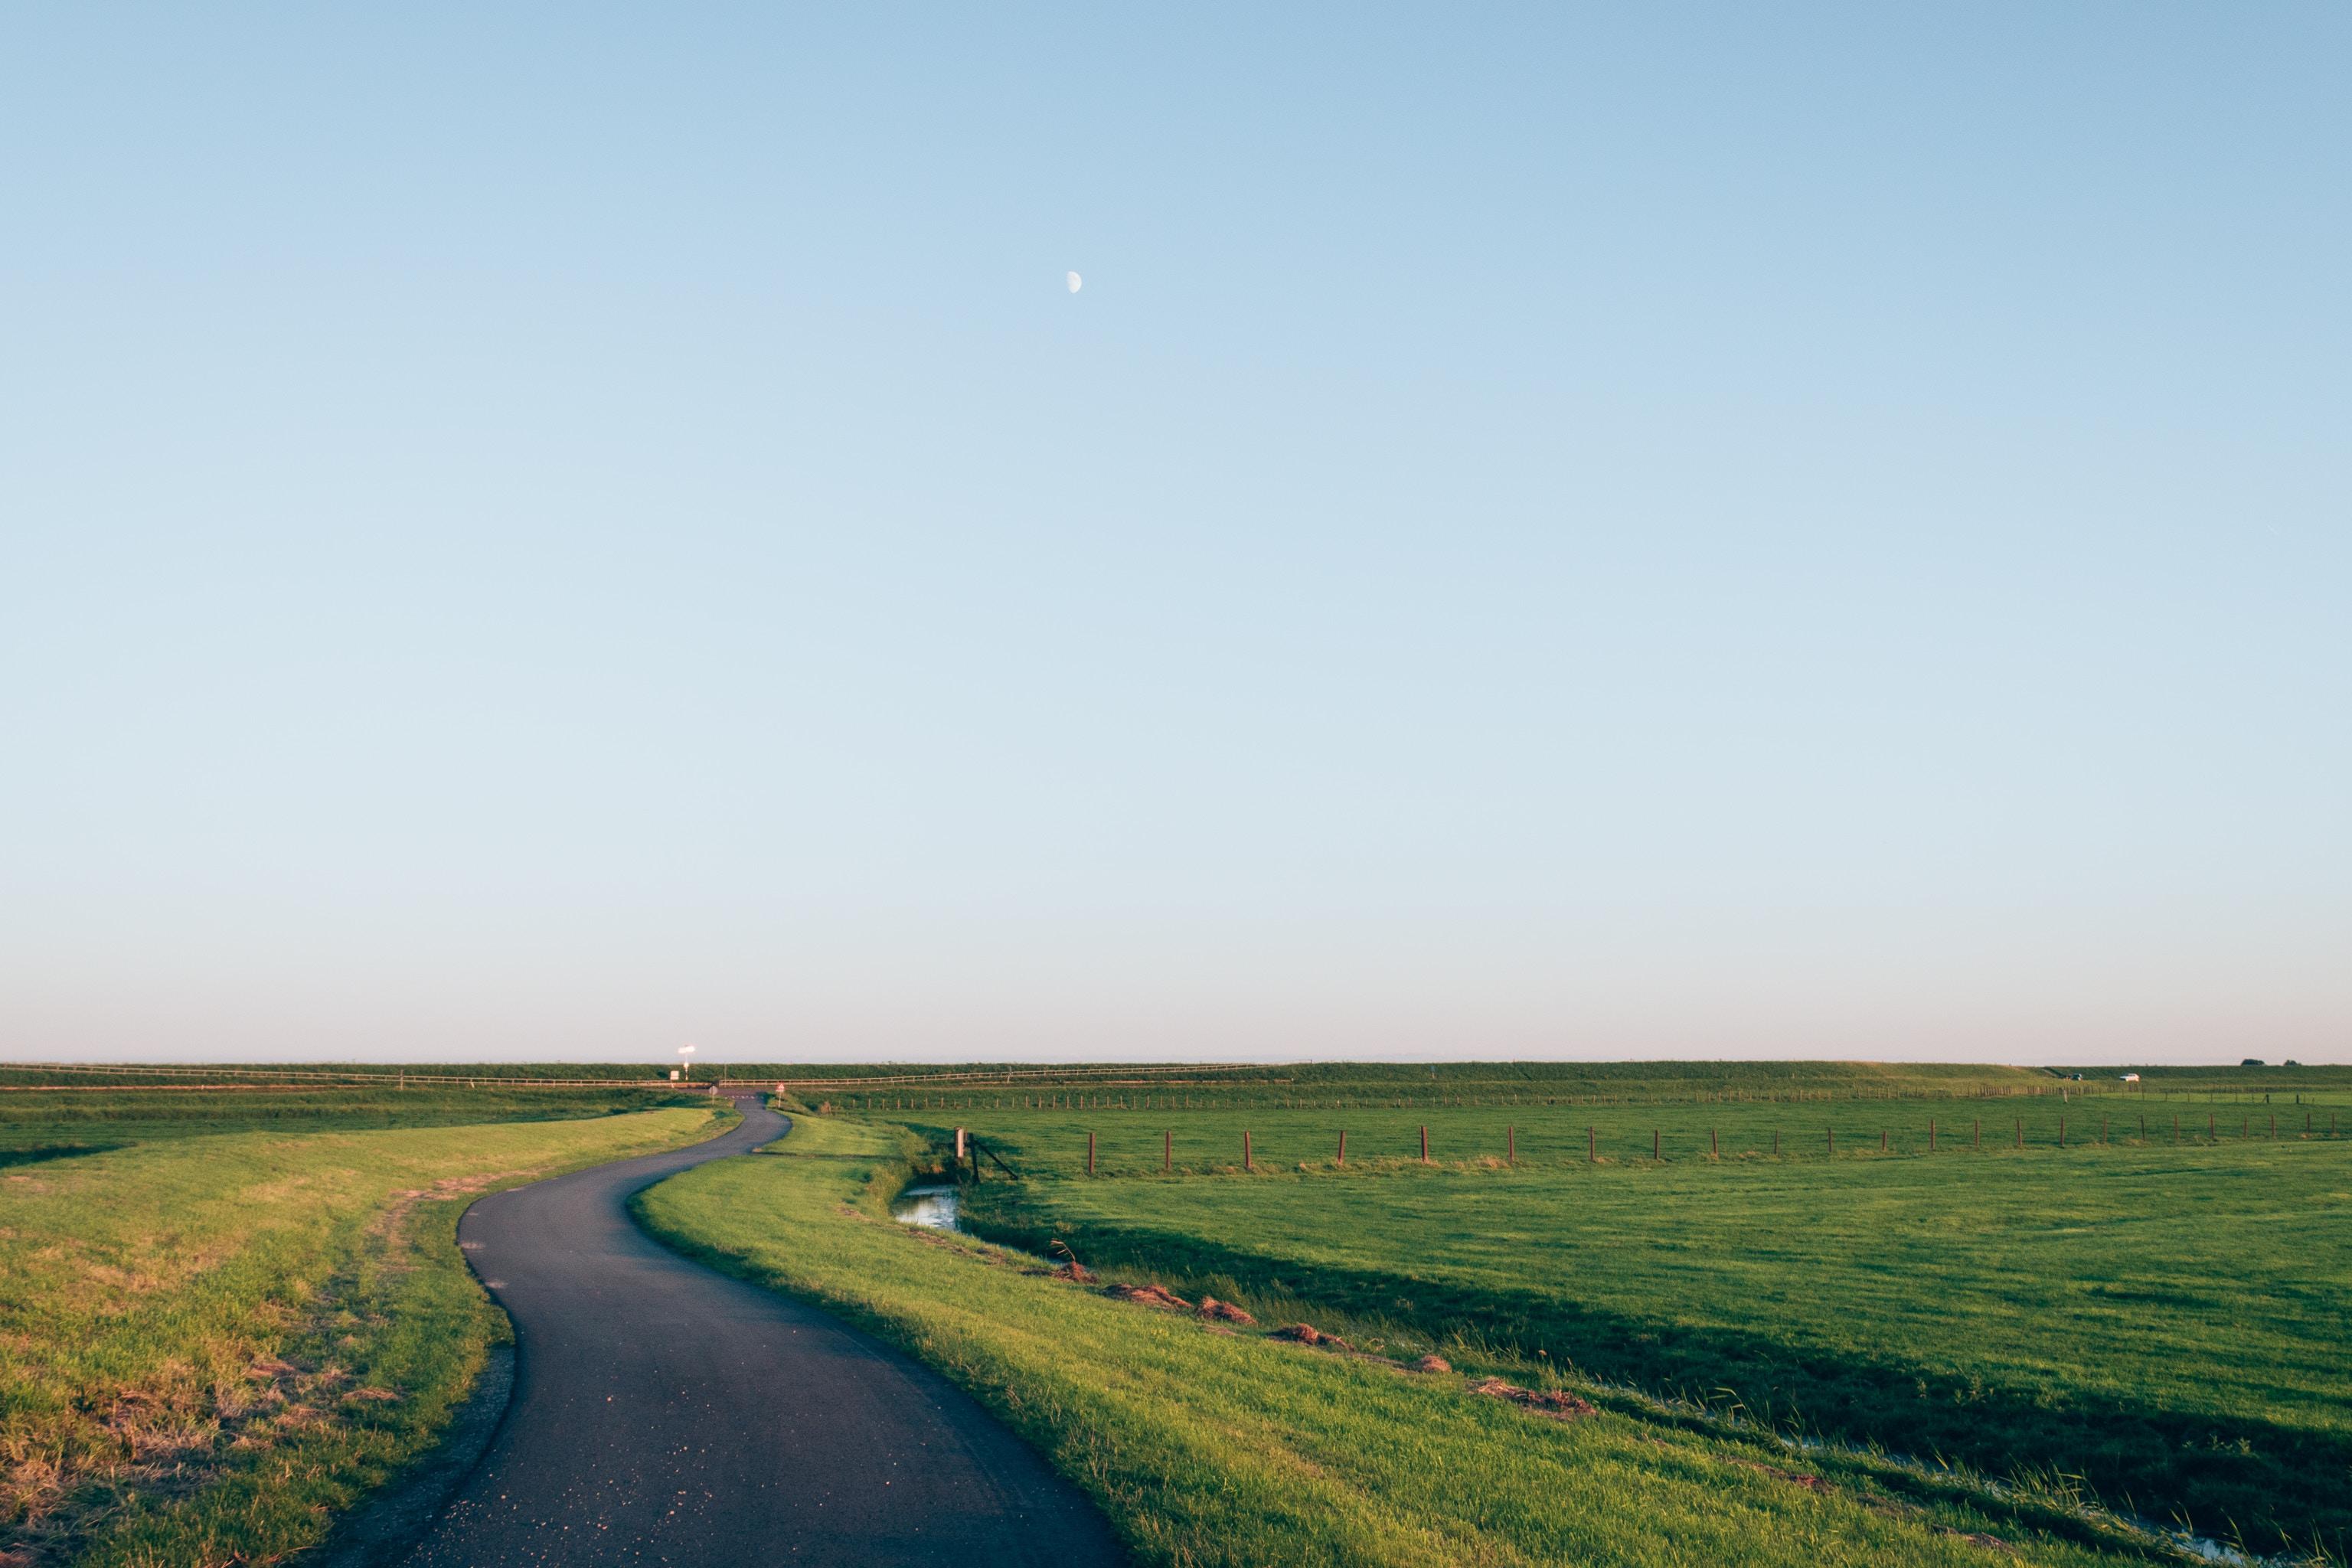 Wniosek o uregulowanie i uaktualnienie oraz poszerzenie dokumentacji rowów melioracyjnych na terenie gminy Rzgów